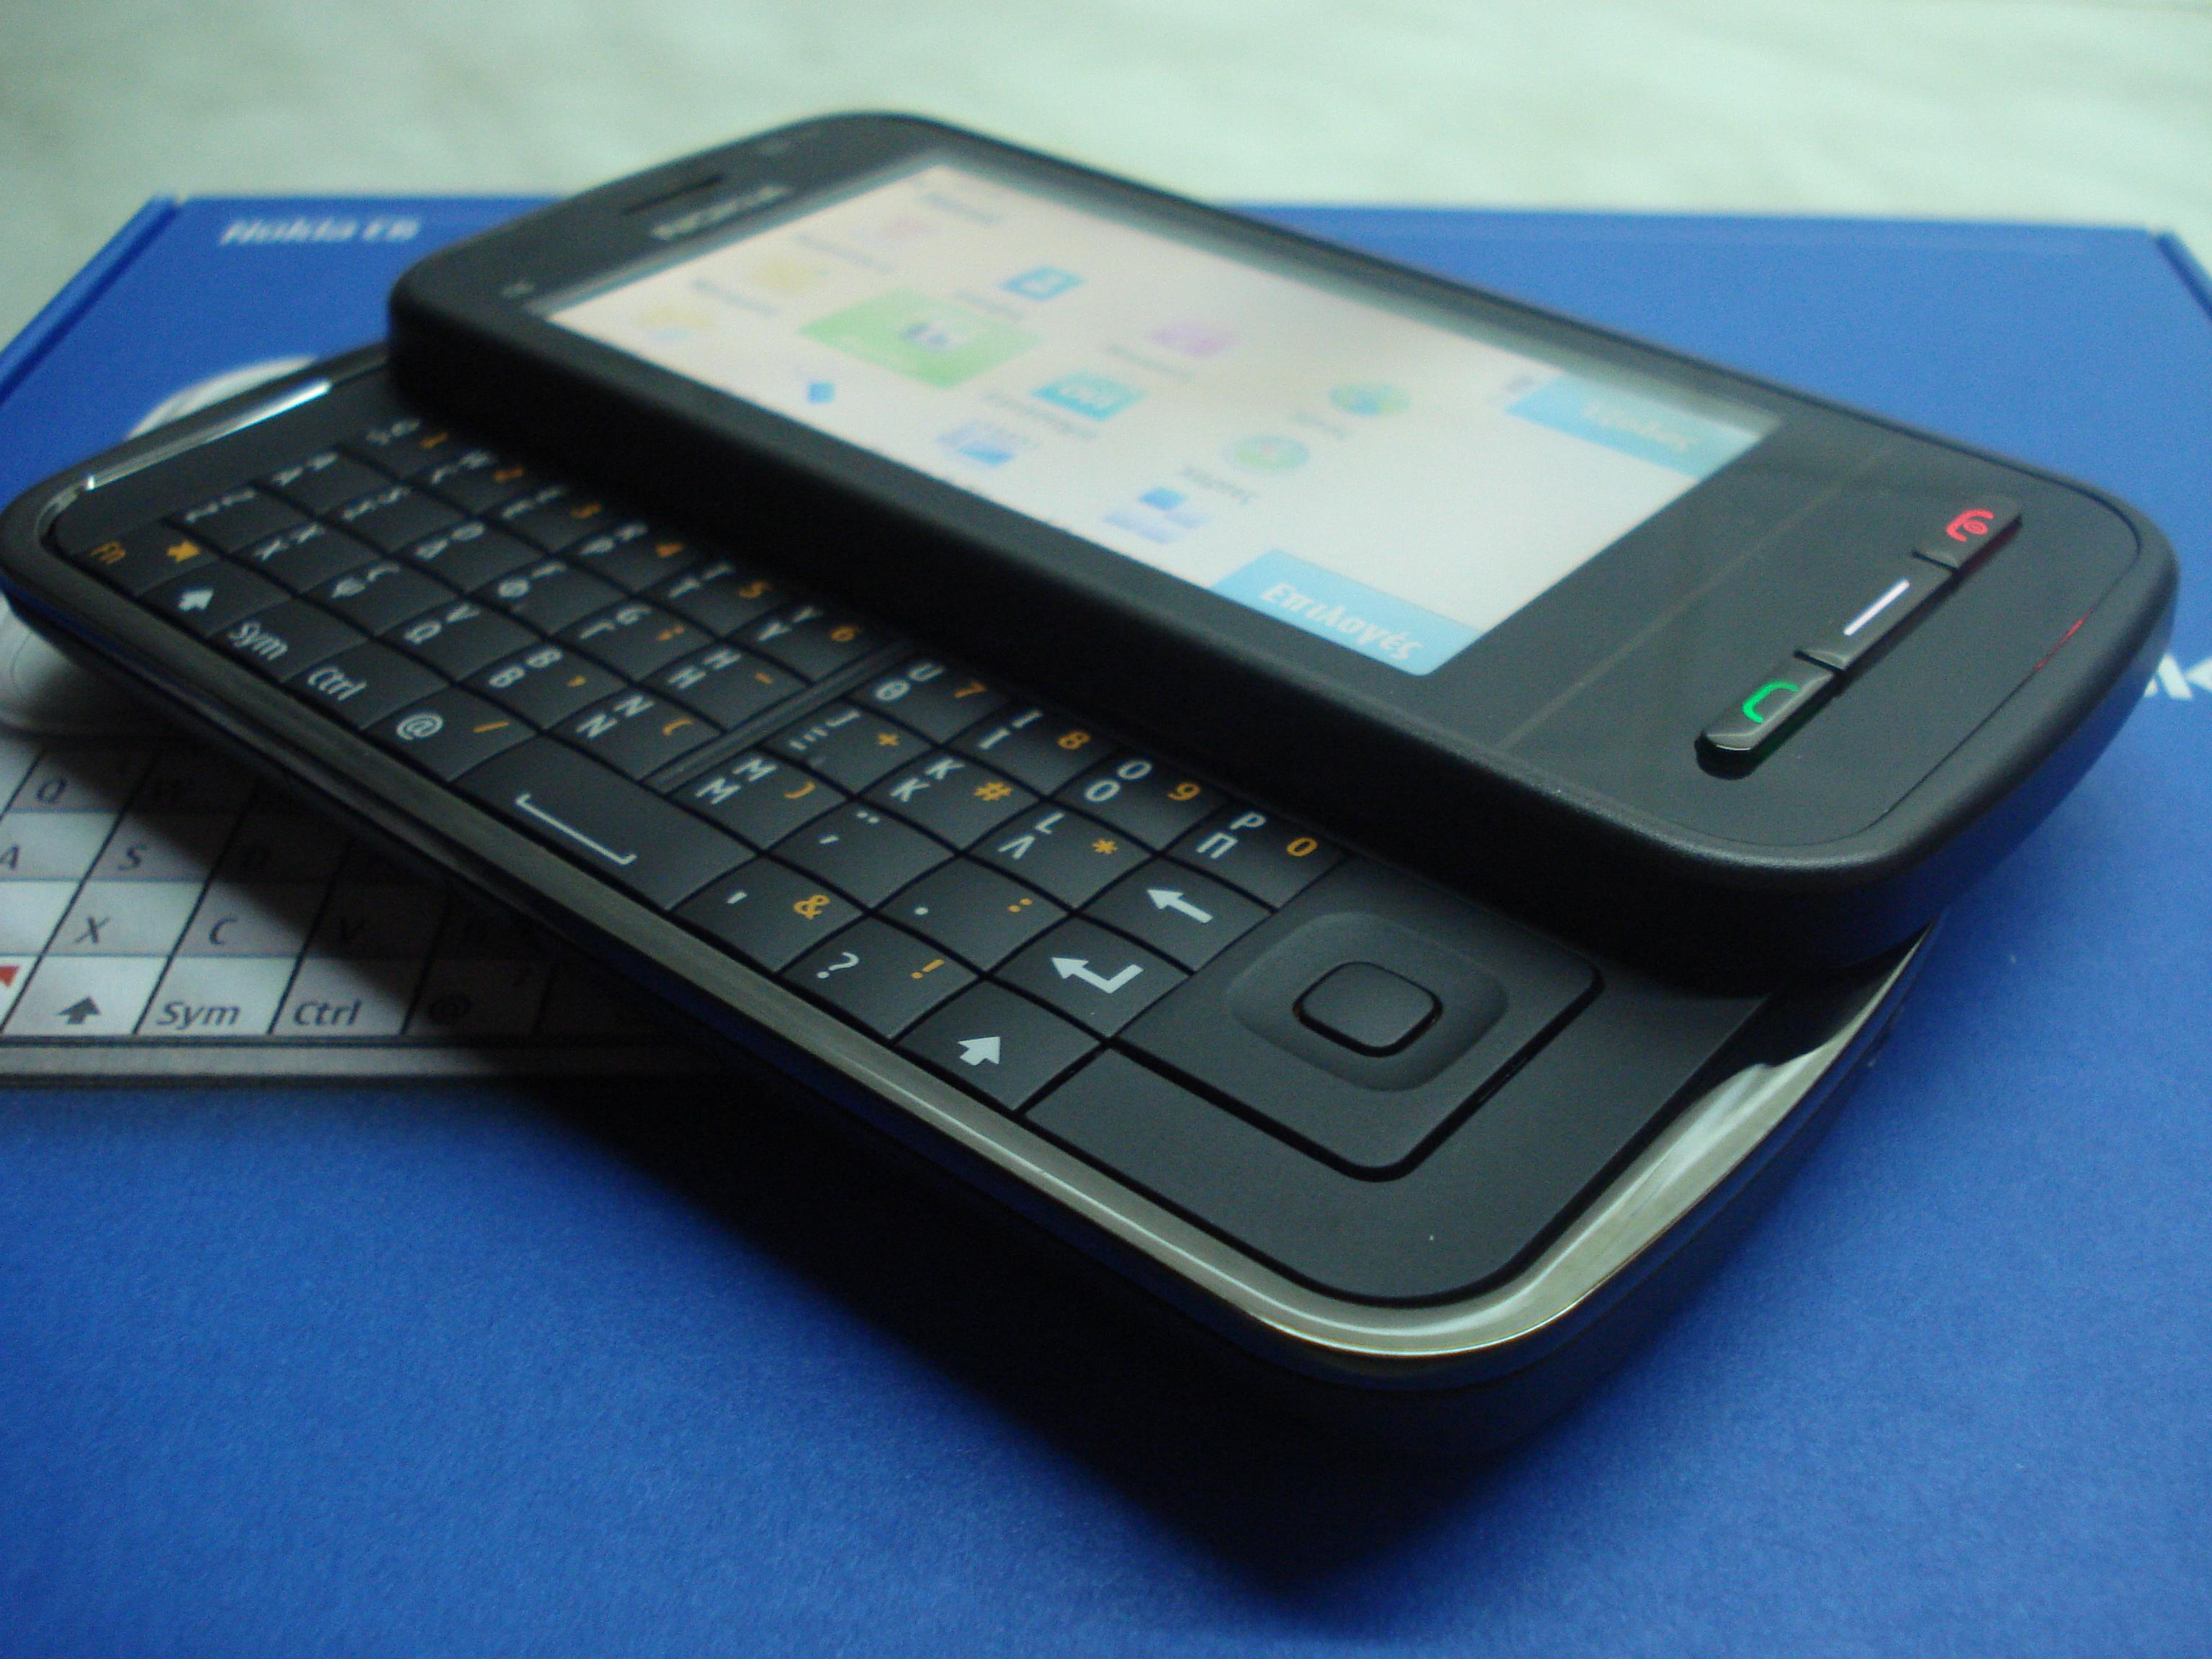 Nokia c6-00 скачать игры, бесплатные темы, программы.